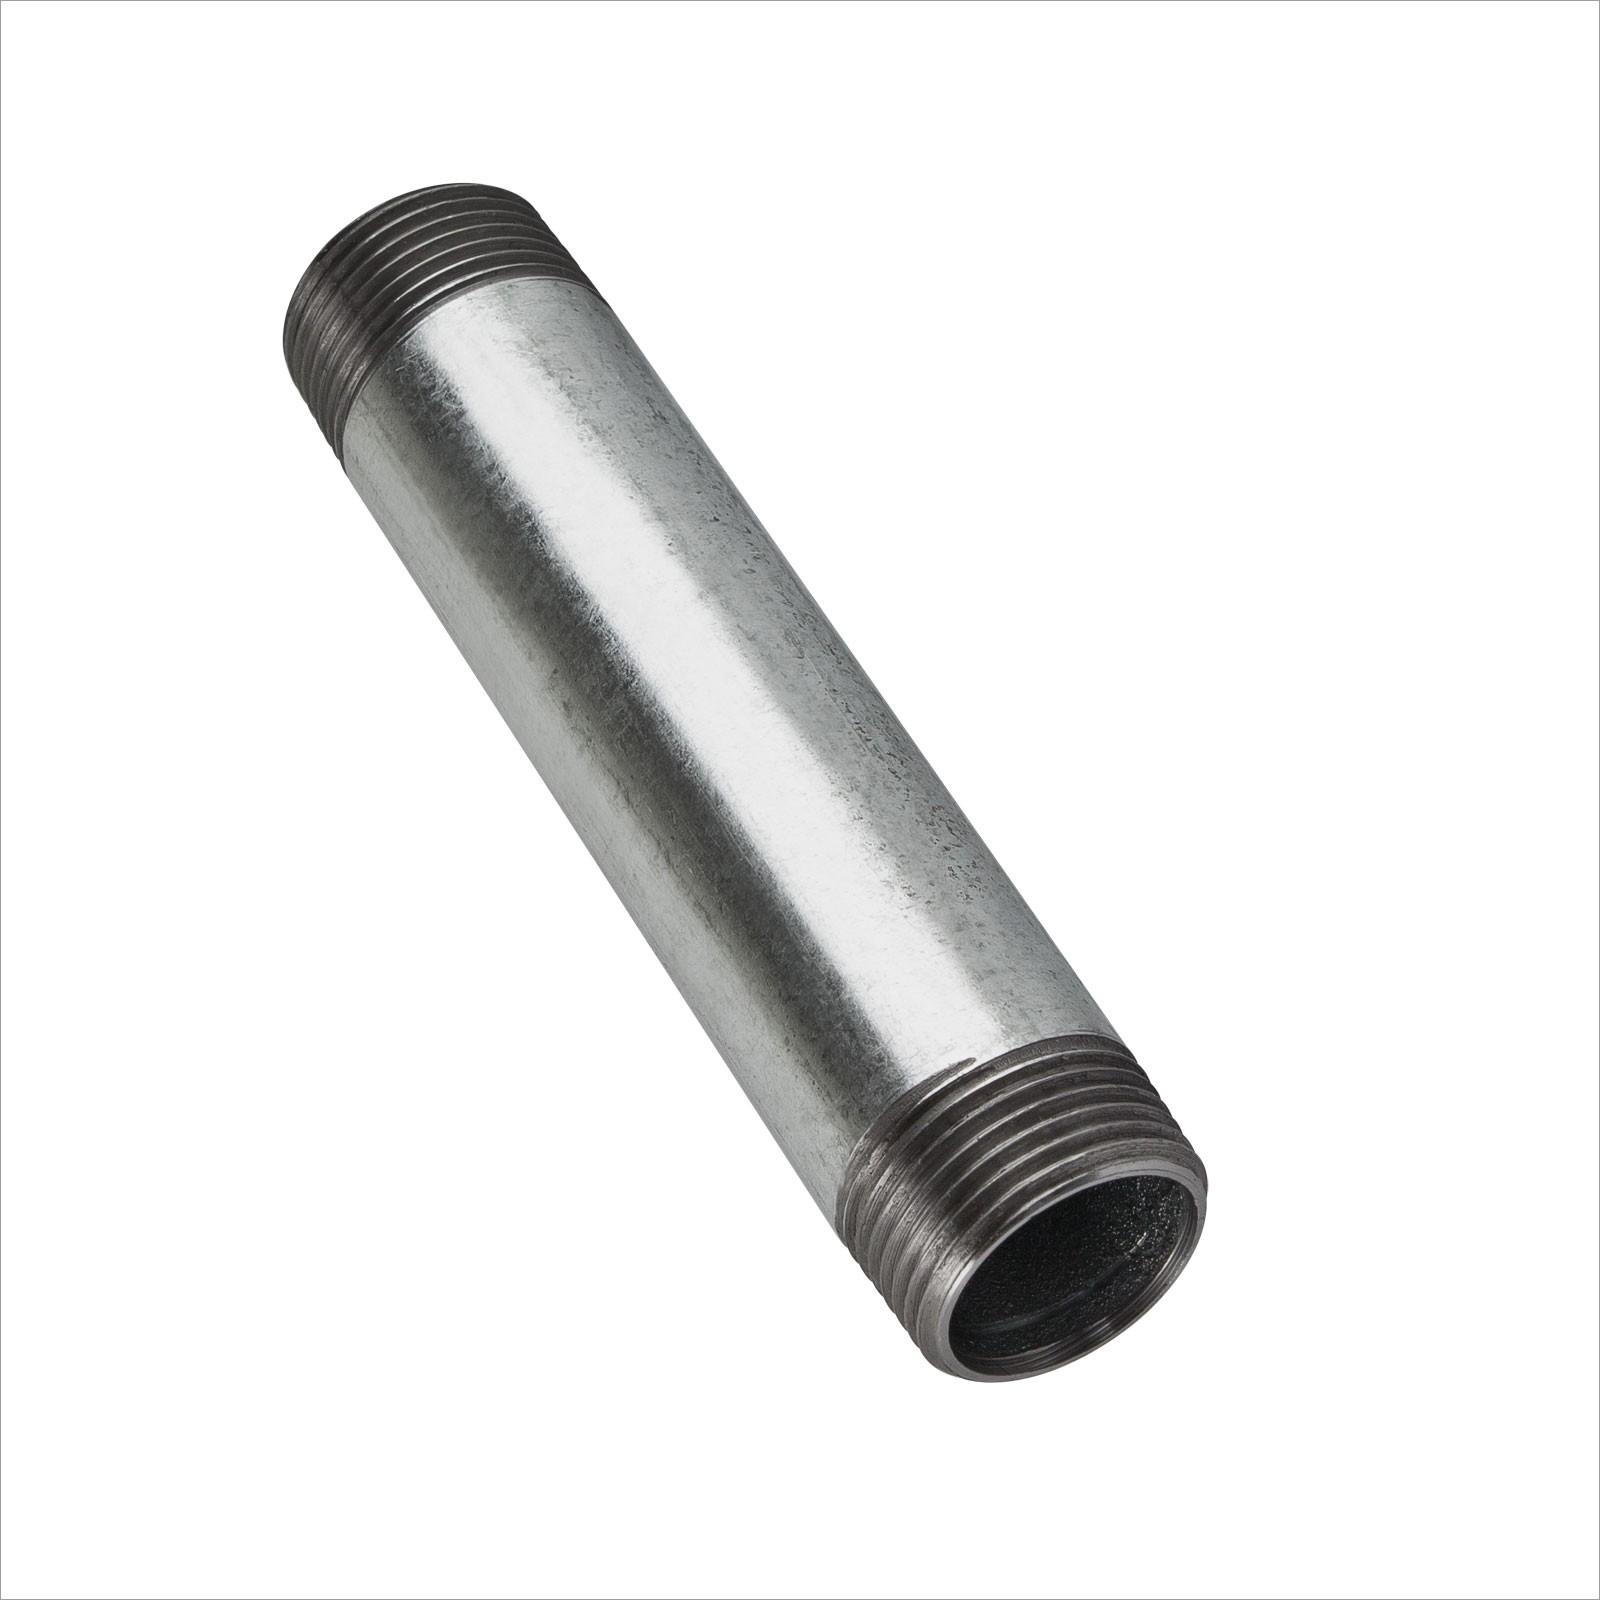 longitud 180,0 mm R 1 1//2 AG//AG Riegler rohrdoppelnippel 23 SFR 23-112180